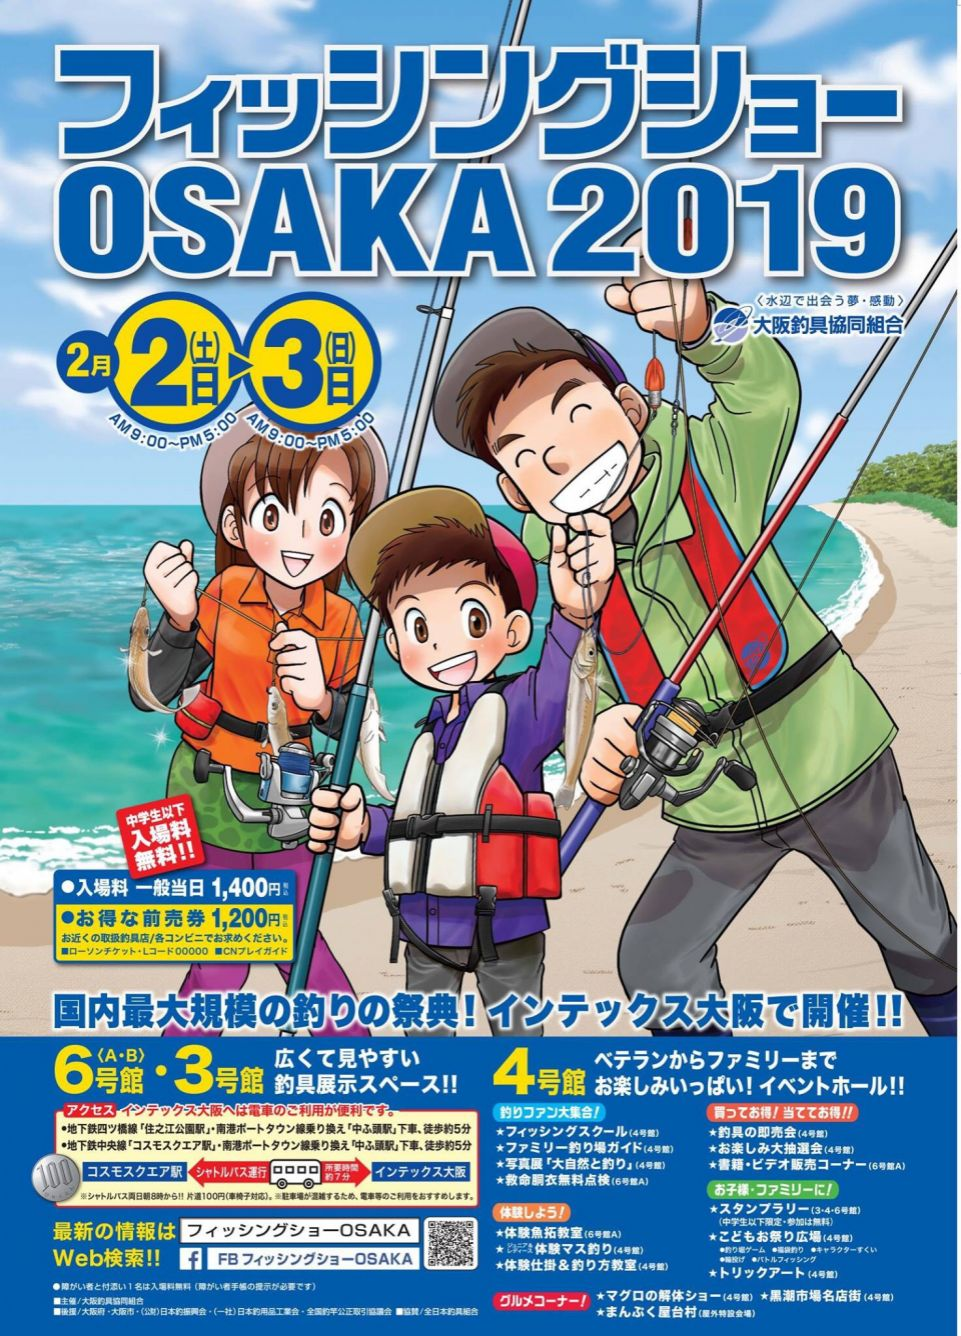 フィッシングショー大阪2019に出展します!!